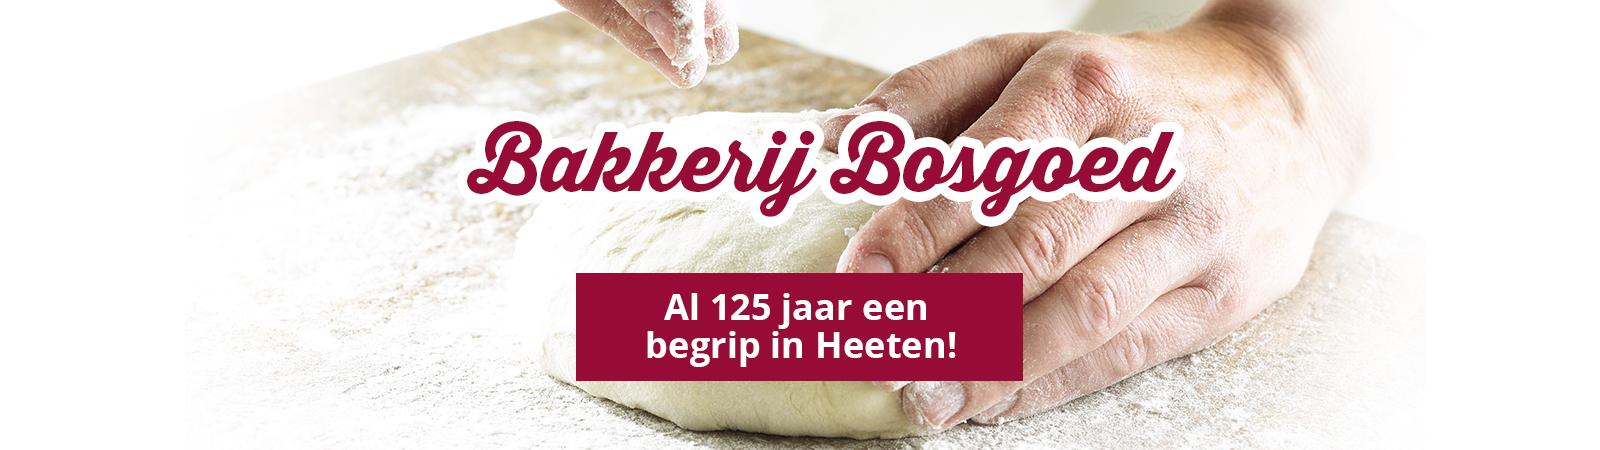 Bakkerij Bosgoed al 125 jaar een begrip in Heeten